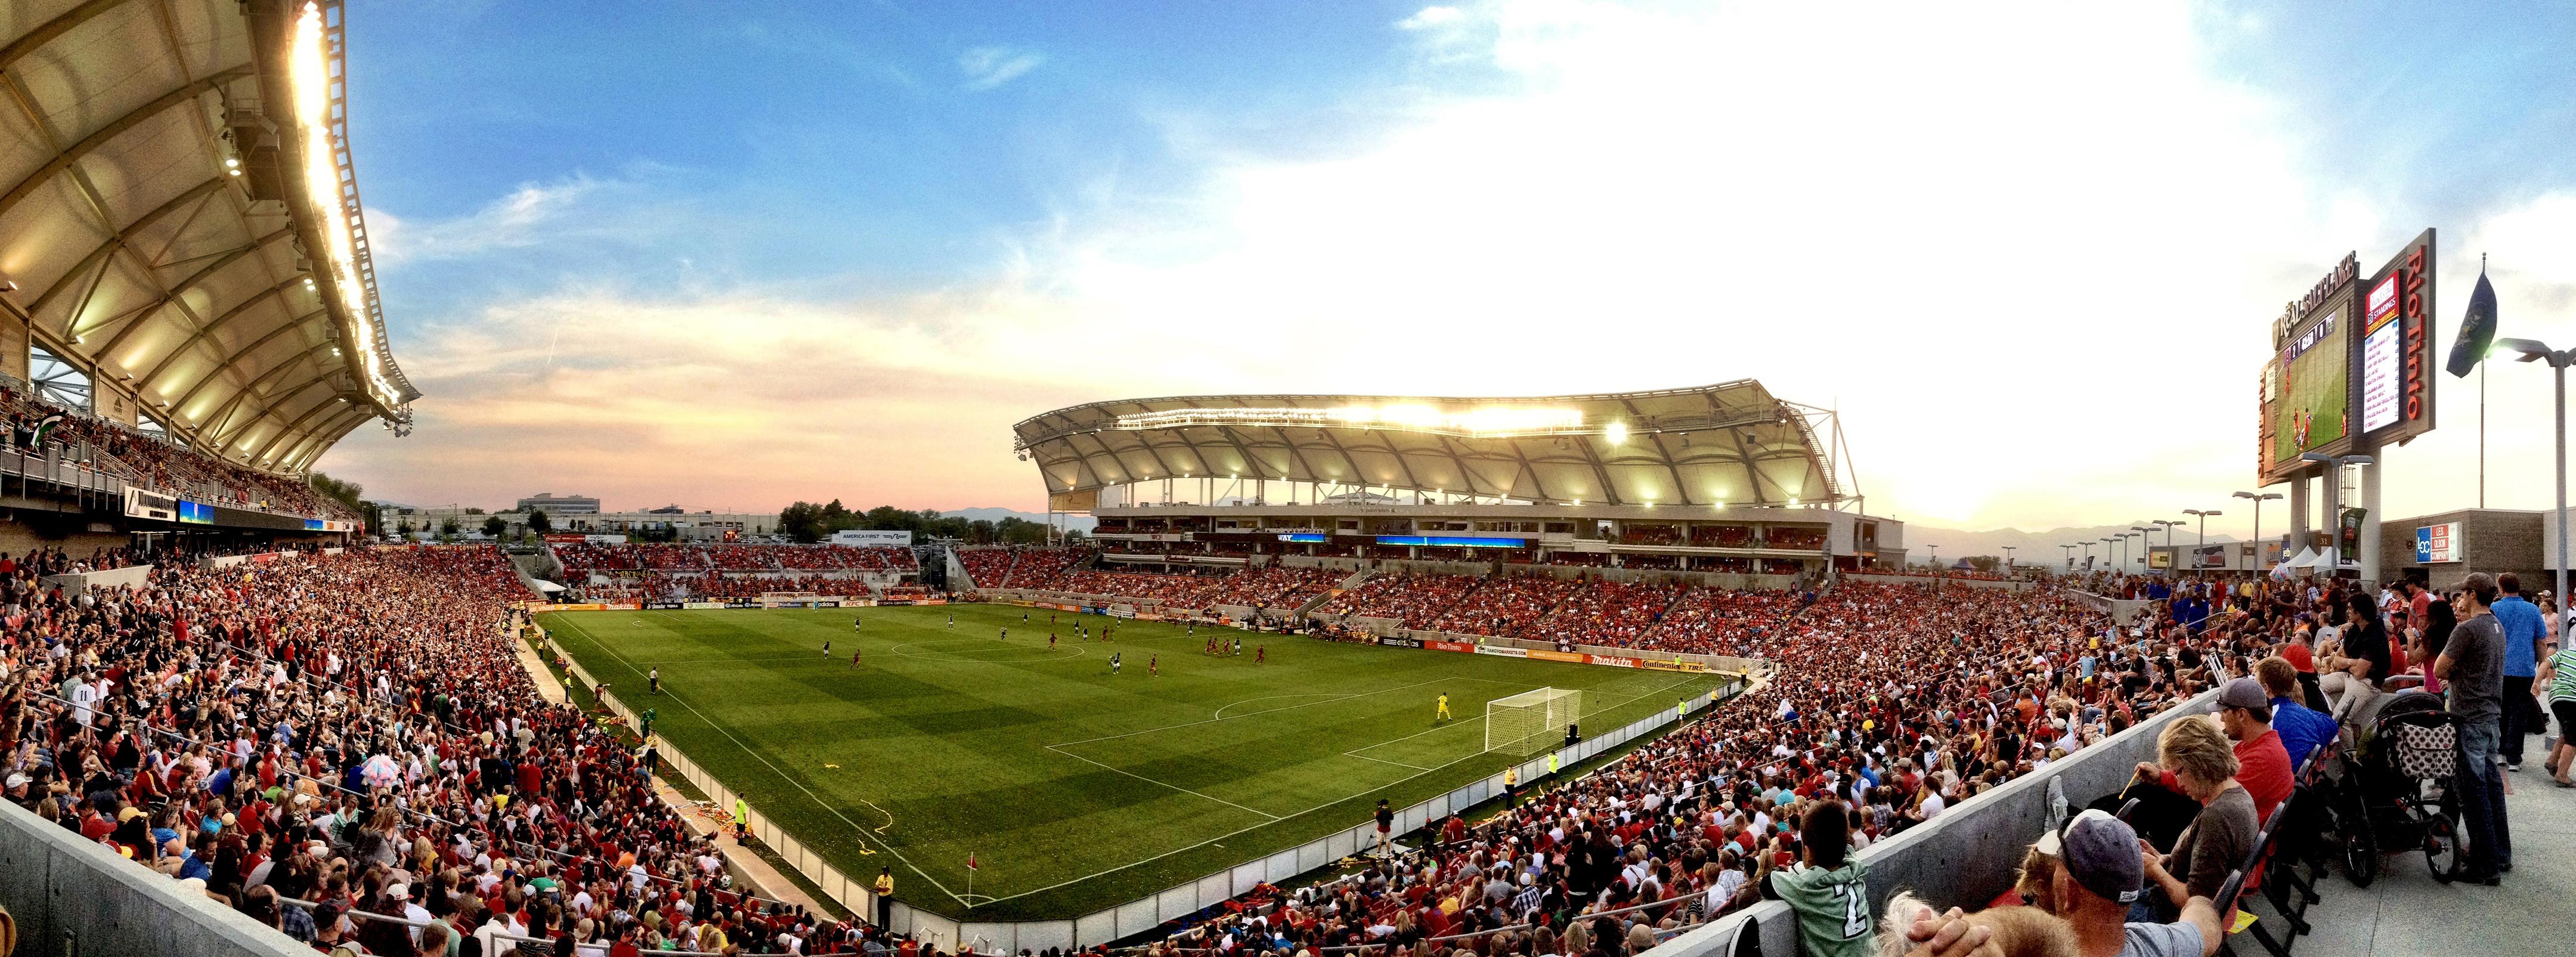 Stadium_Lenio_1 by .